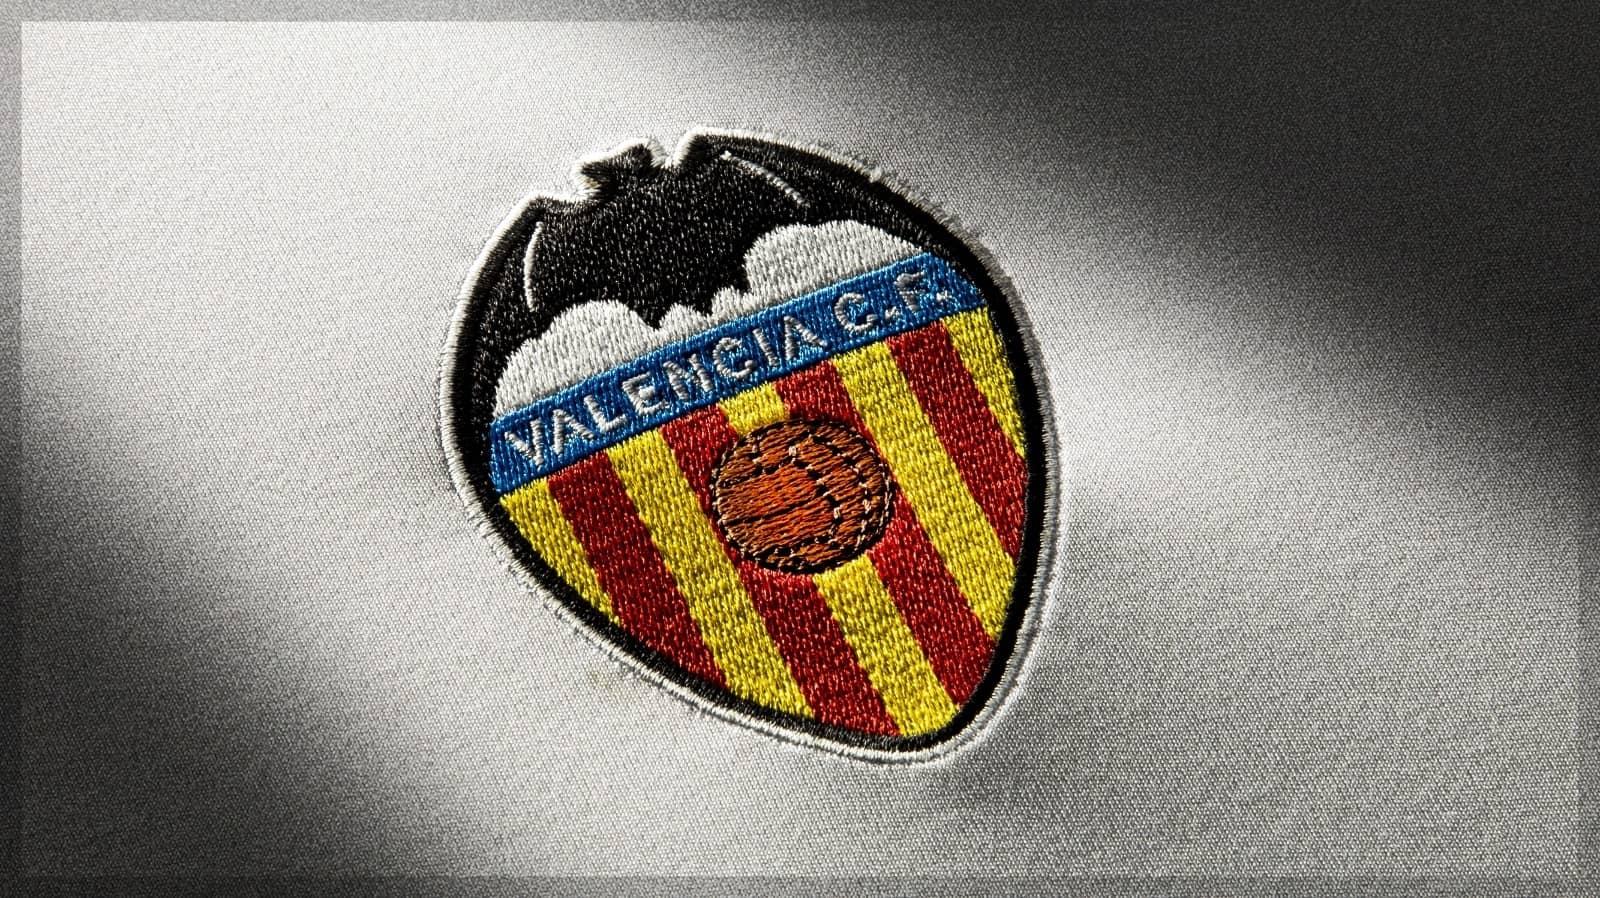 瓦伦西亚官方质疑加斯佩里尼:赛前已有症状却不采取措施?